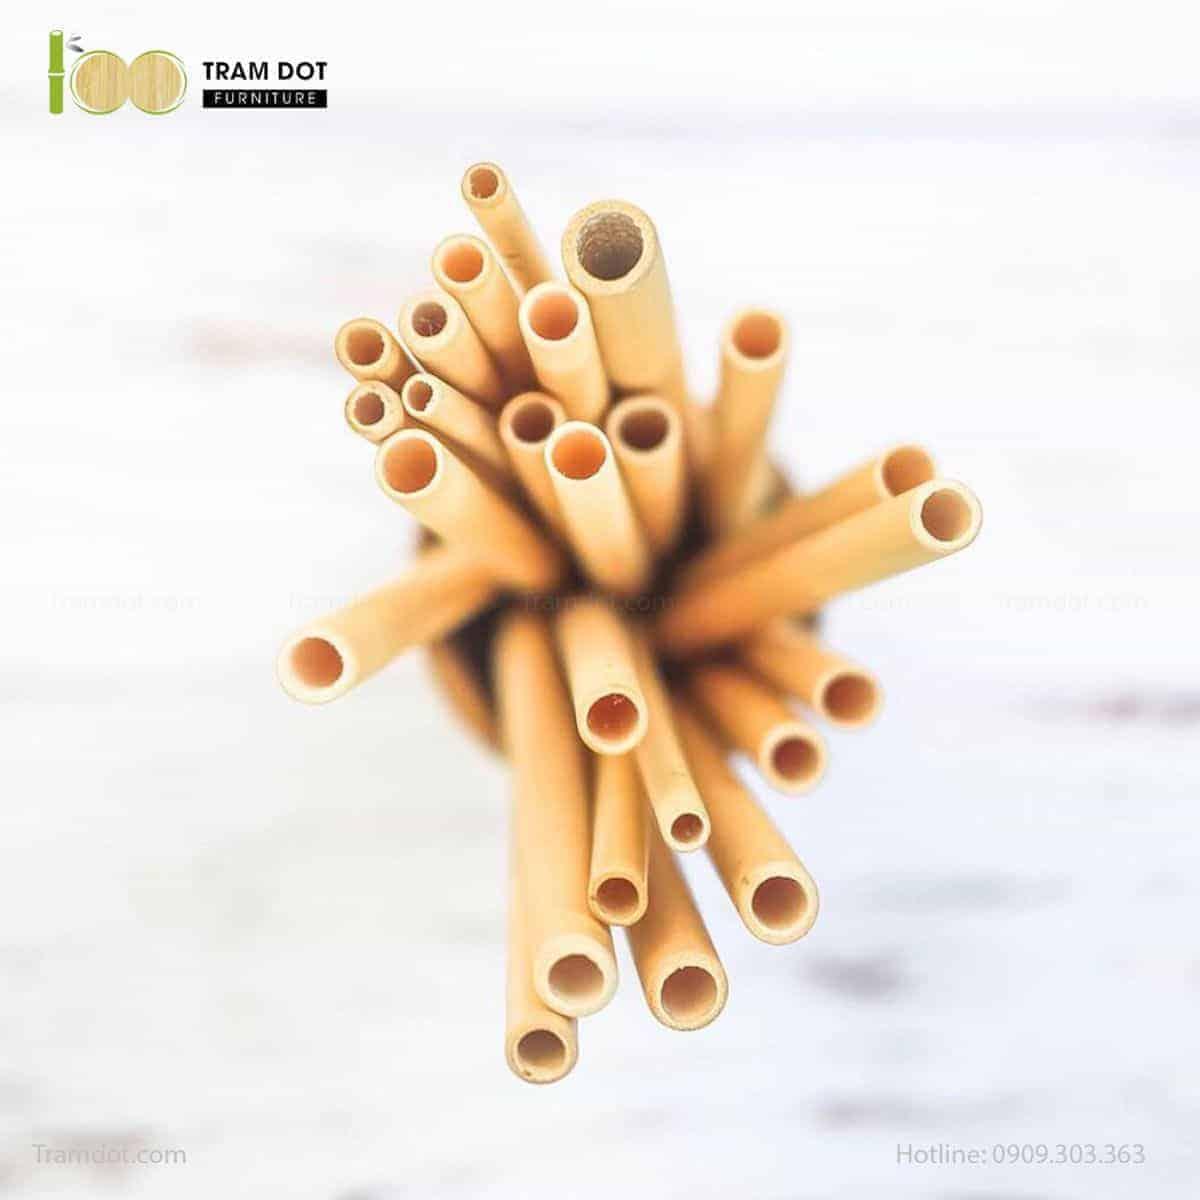 Pack 100 - Ống hút tre, 100% tự nhiên dài 20cm | Thân thiện môi trường | Có thể tái sử dụng | Thay thế ống hút nhựa, thủy tinh và inox